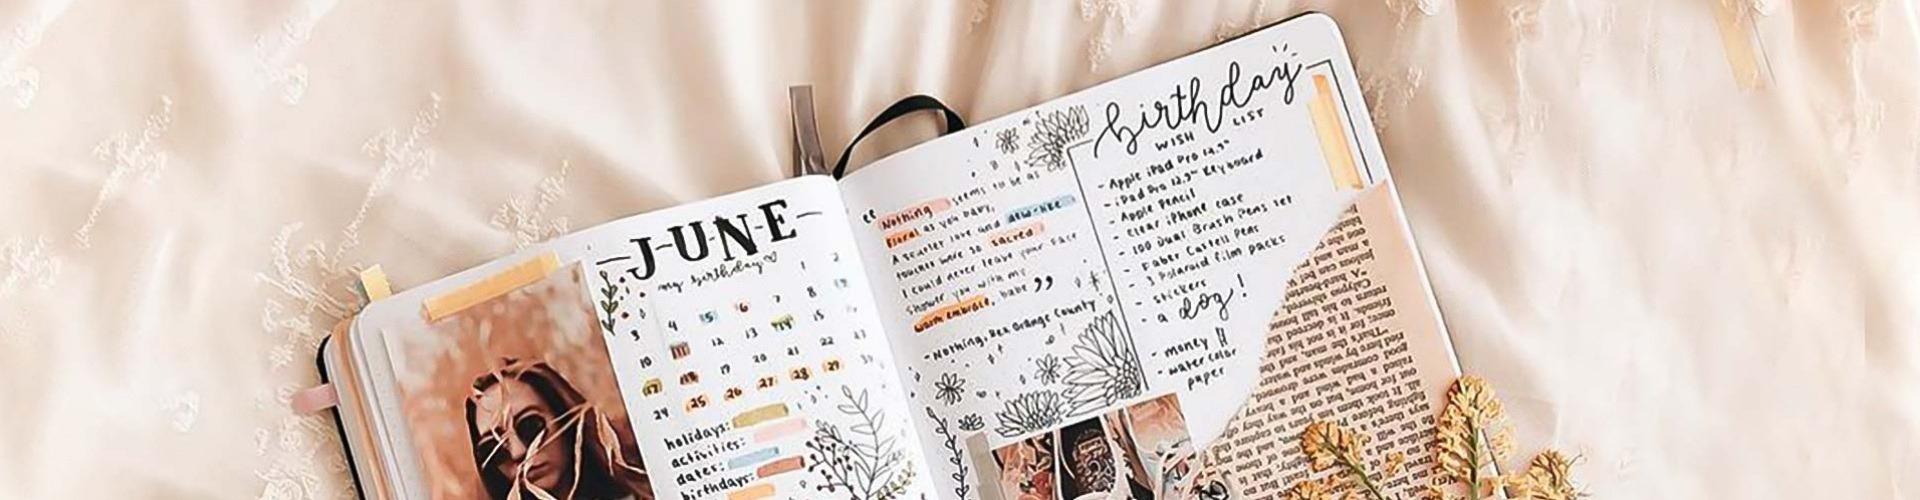 Tervezd meg stílusosan az idei évedet!